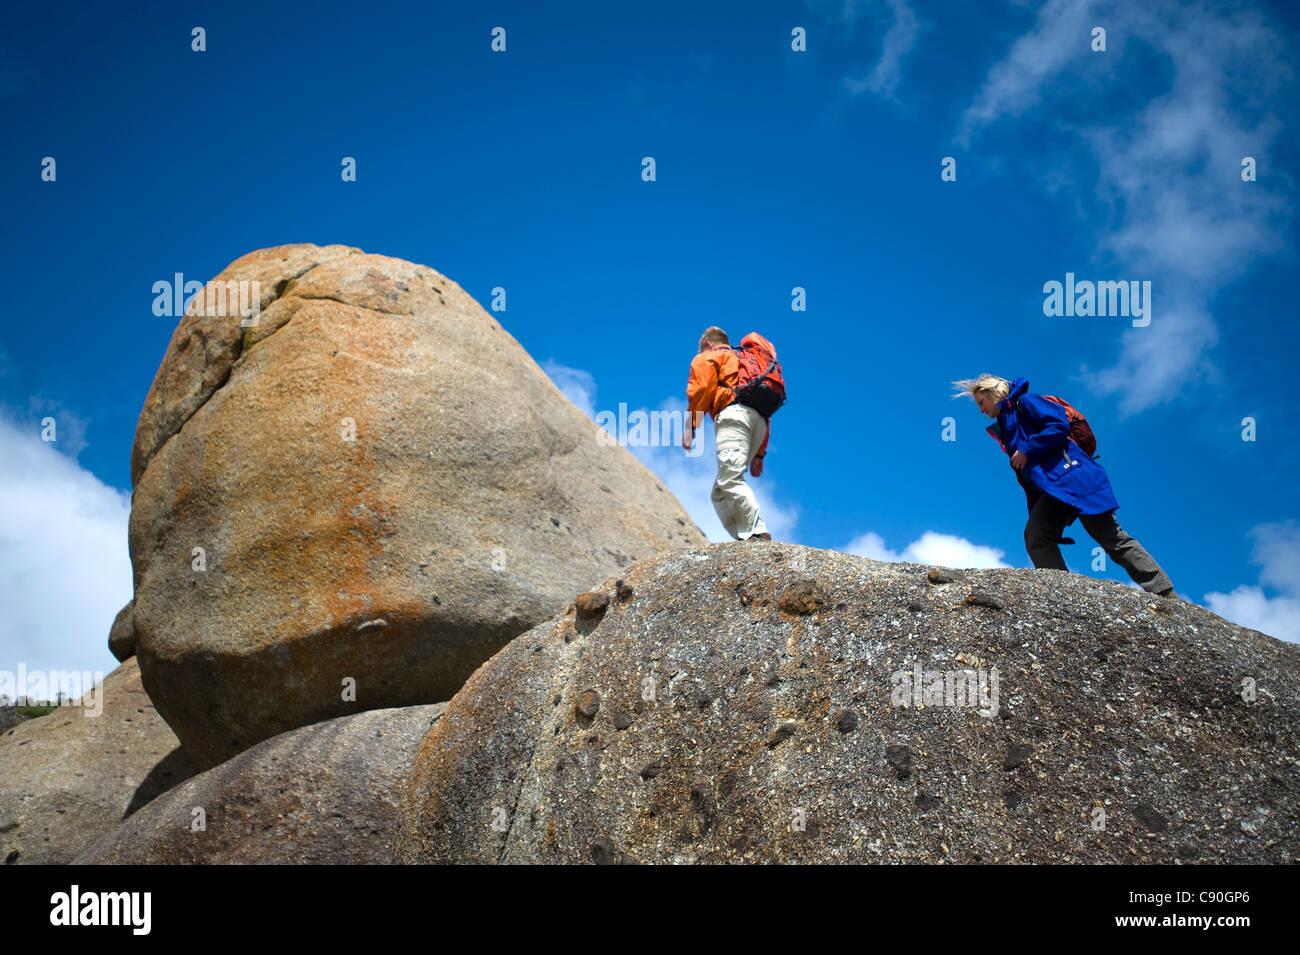 Las rocas de granito, Whisky Bay, Wilsons Promontory National Park, Victoria, AustraliaFoto de stock